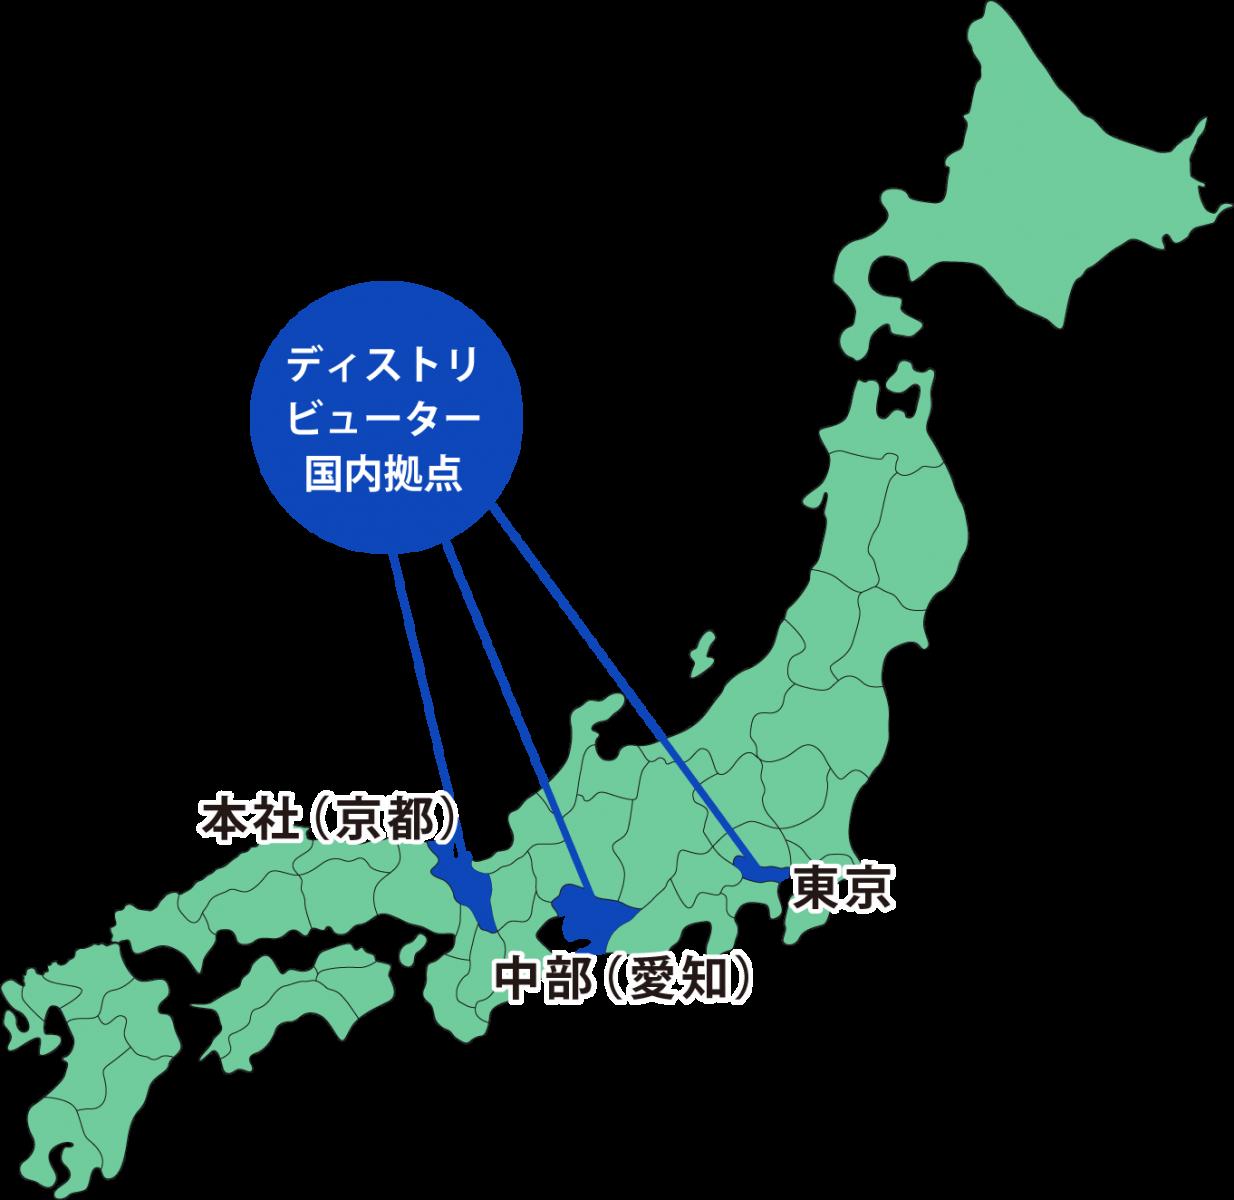 国内拠点の地図